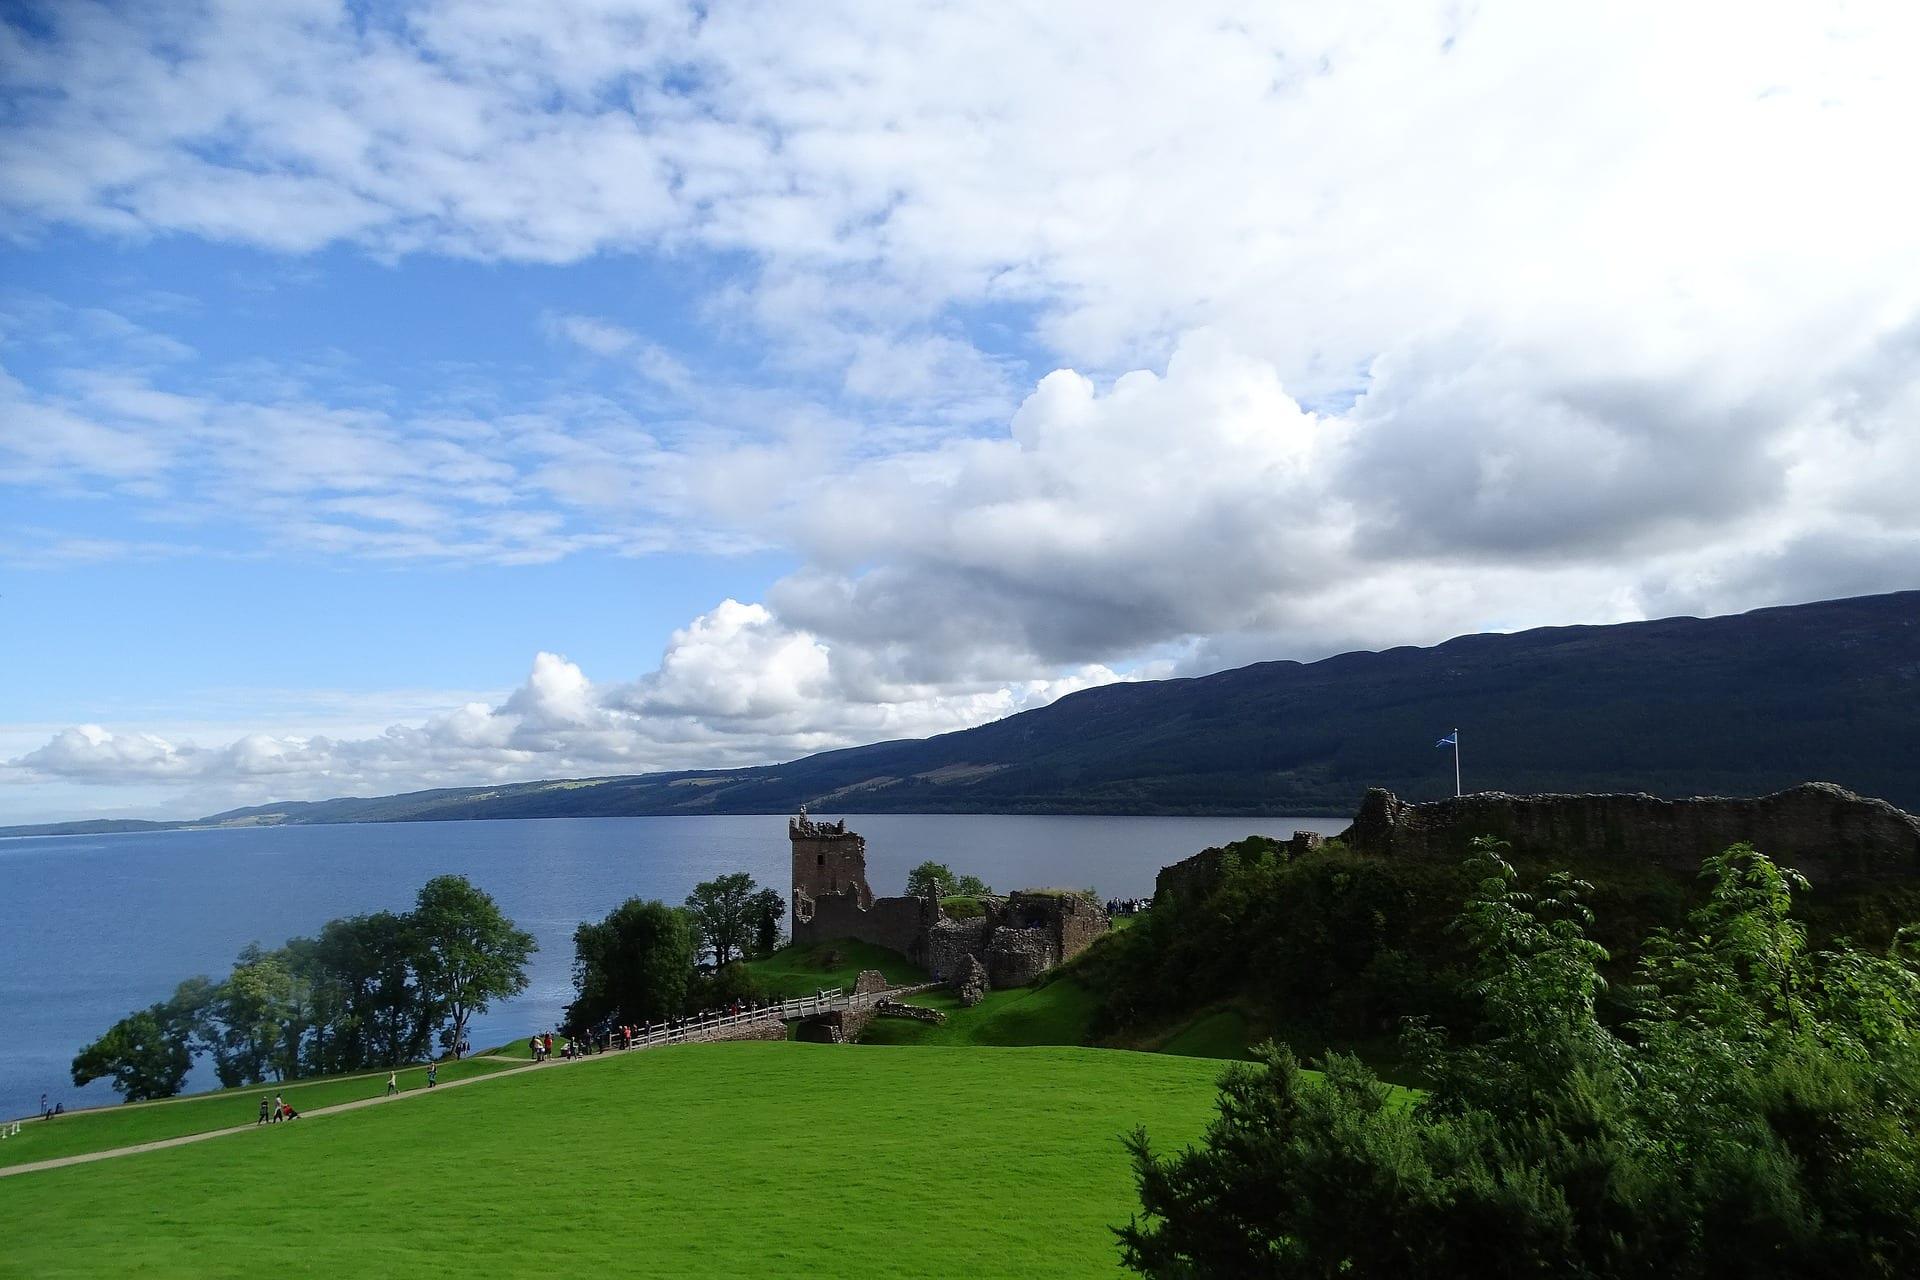 Historia y leyenda del monstruo del Lago Ness